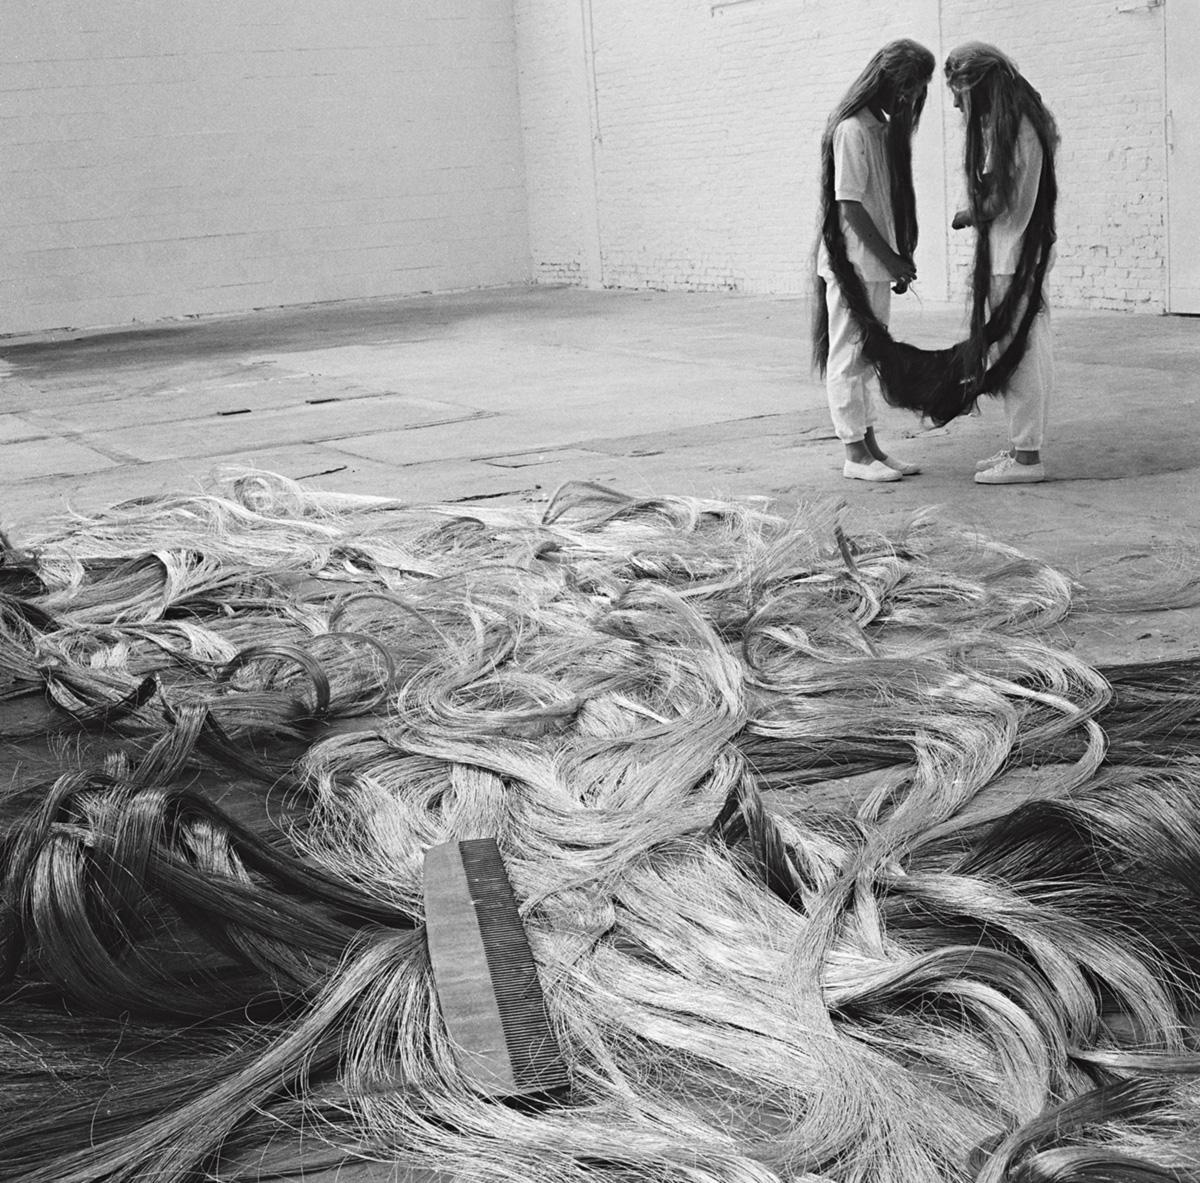 """Tunga criou, em 1985, a performance Xifópagas Capilares. O artista nega qualquer relação com As Gêmeas, de Guignard: """"Dar essa informação às pessoas seria entregar o peixe fácil demais"""""""